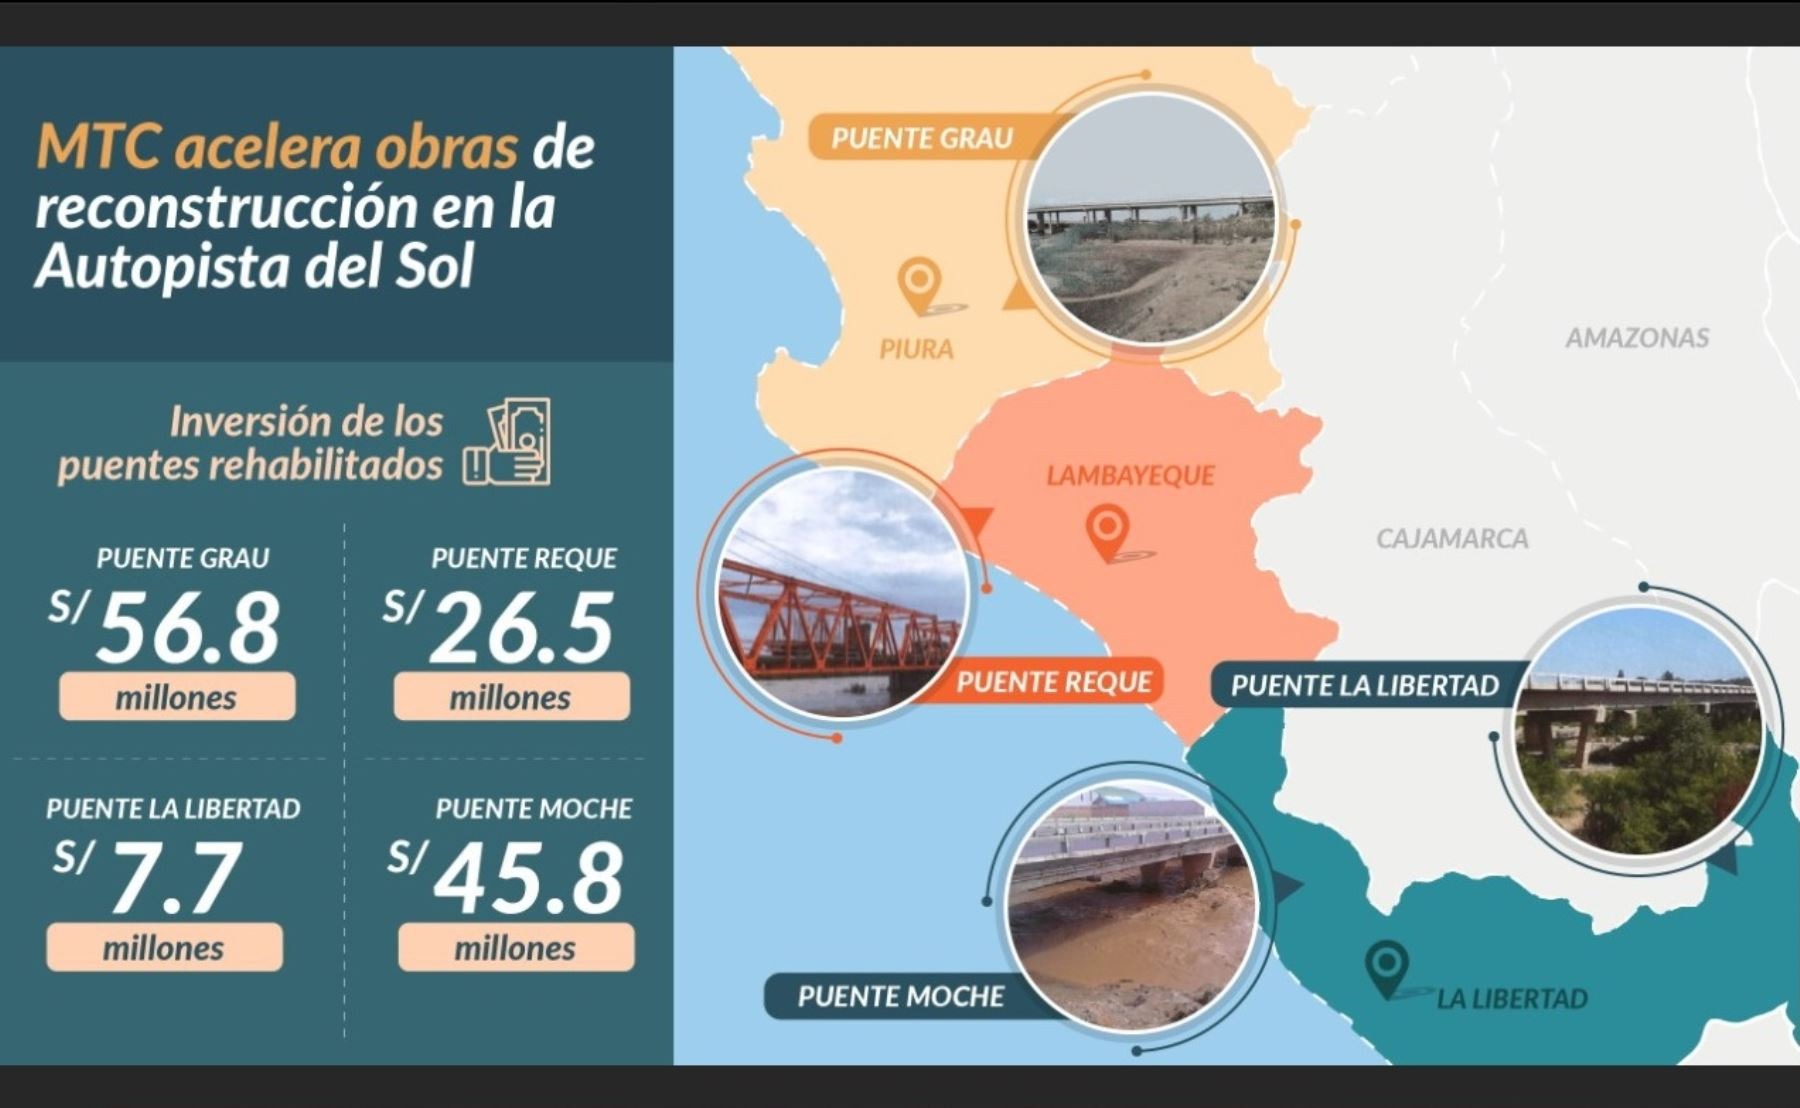 MTC destaca avances en las obras de reconstrucción de la Autopista del Sol en el norte de Perú.